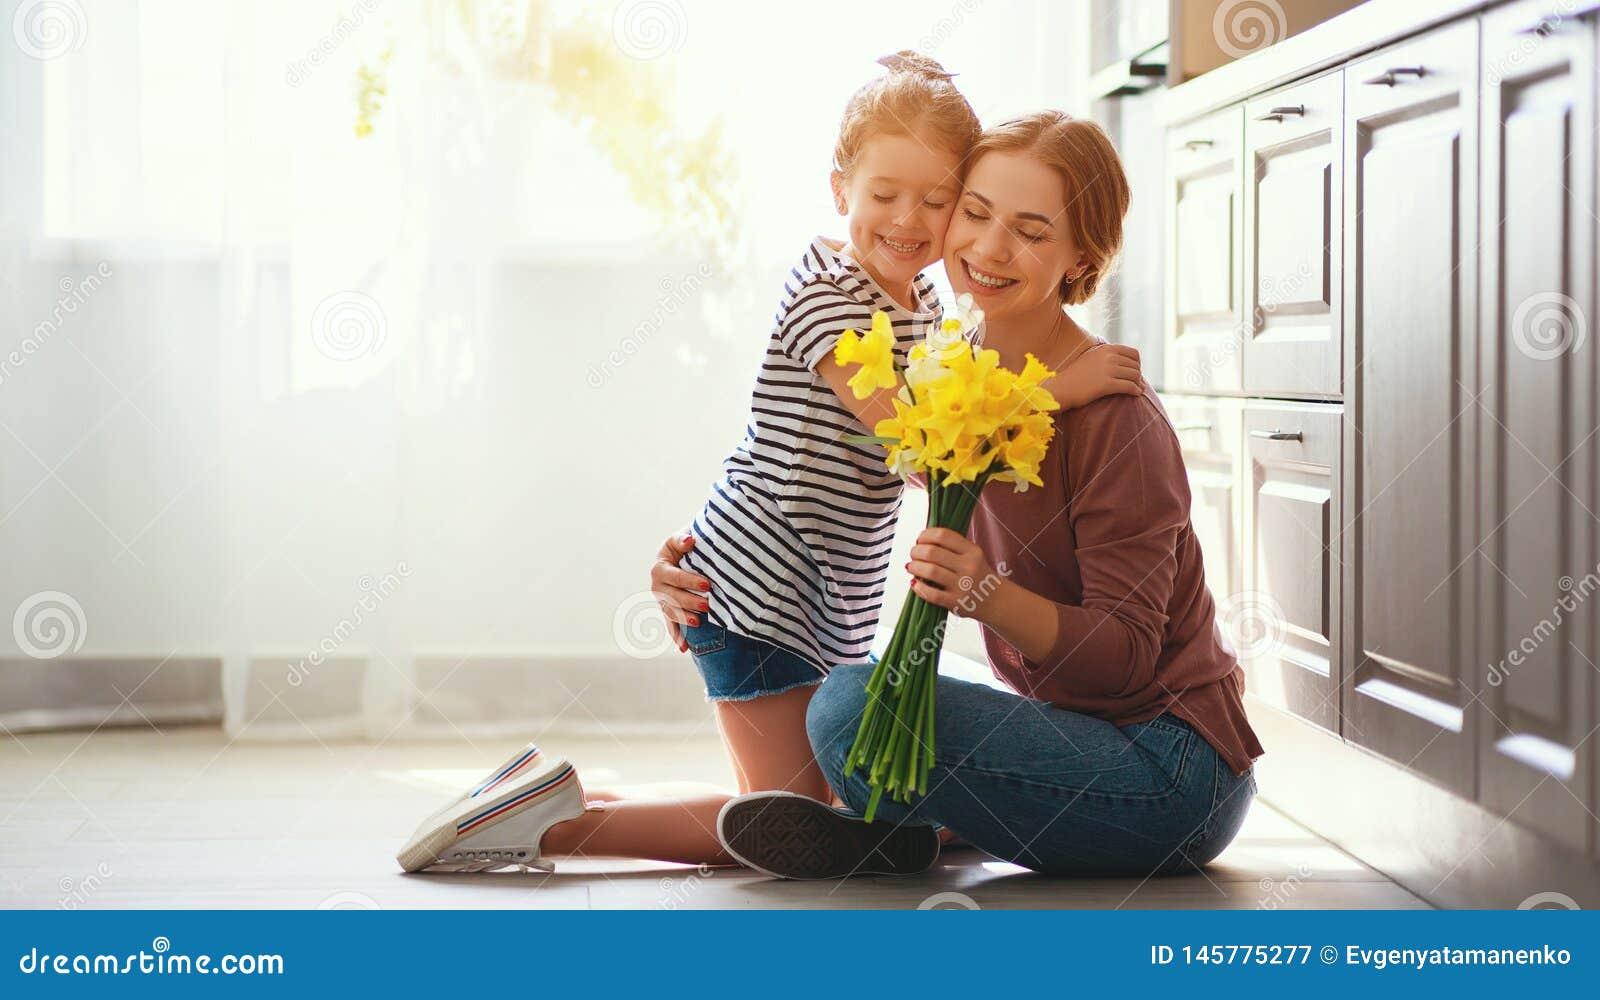 Ημέρα της ευτυχούς μητέρας! η κόρη παιδιών δίνει στη μητέρα μια ανθοδέσμη των λουλουδιών στους ναρκίσσους και το δώρο